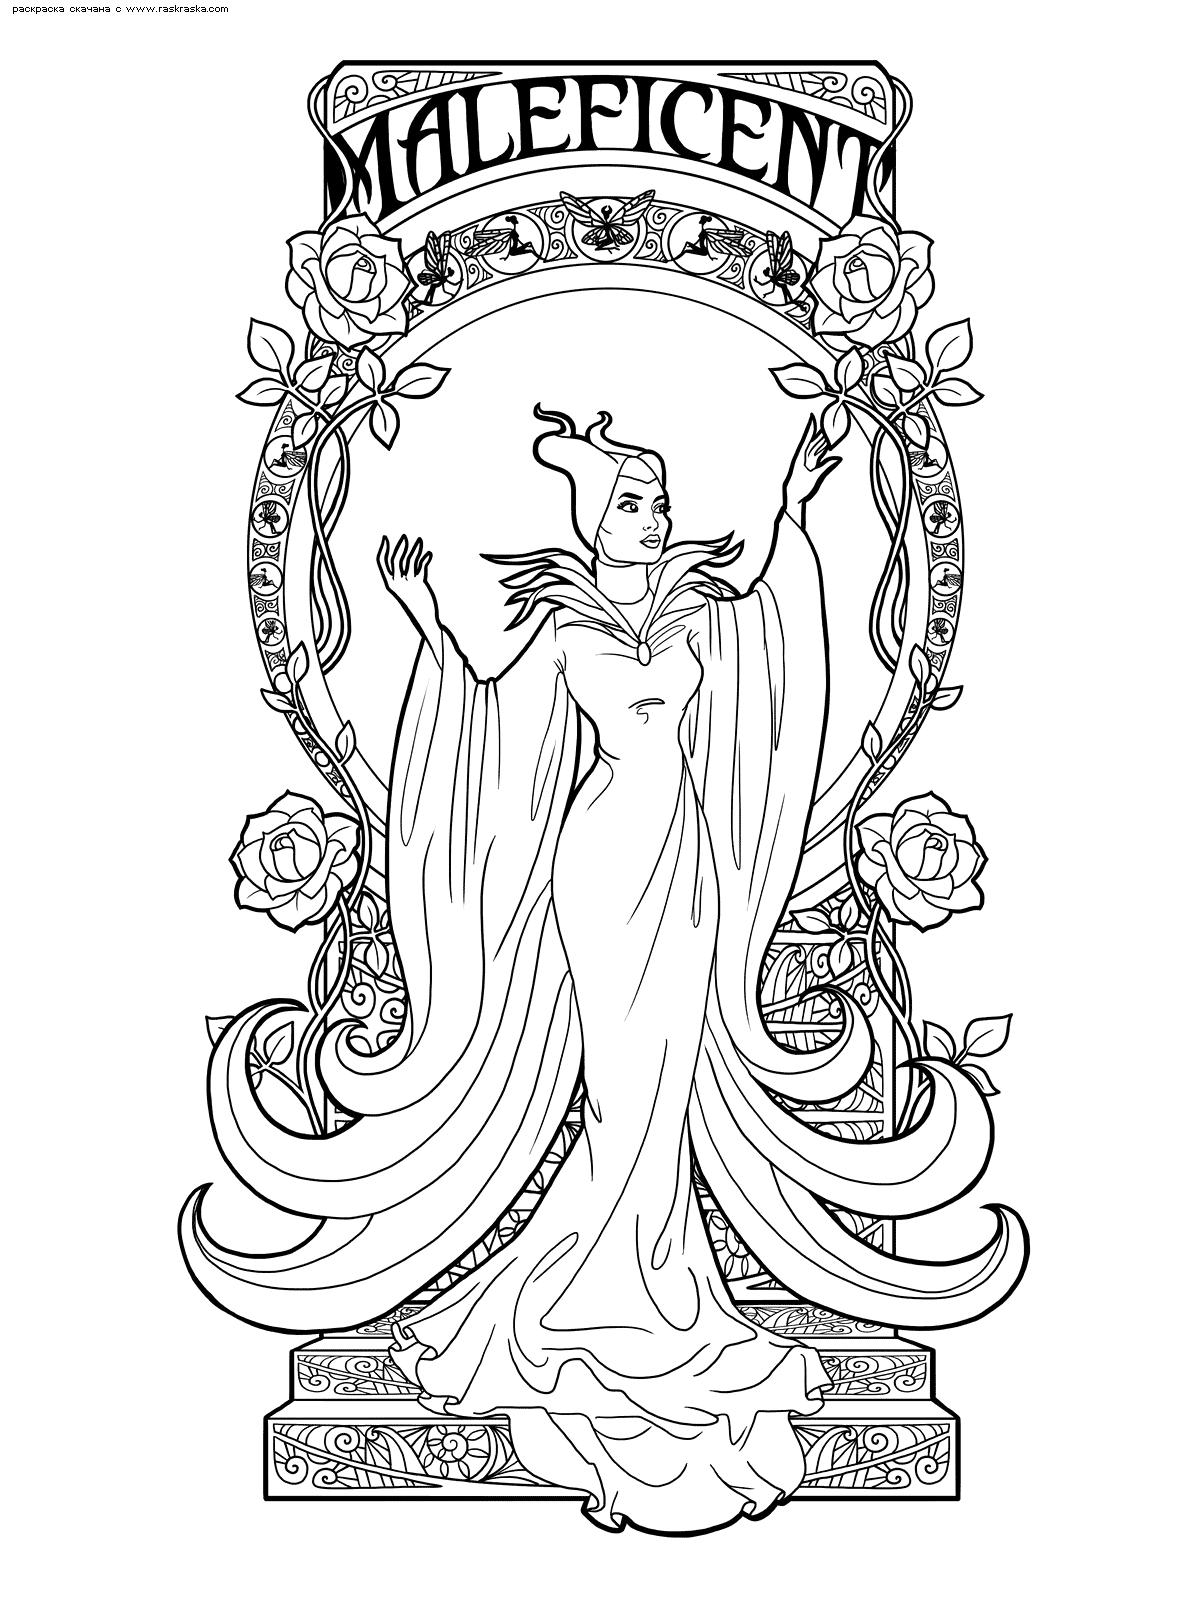 Раскраска Малефисента. Раскраска фея, волшебница